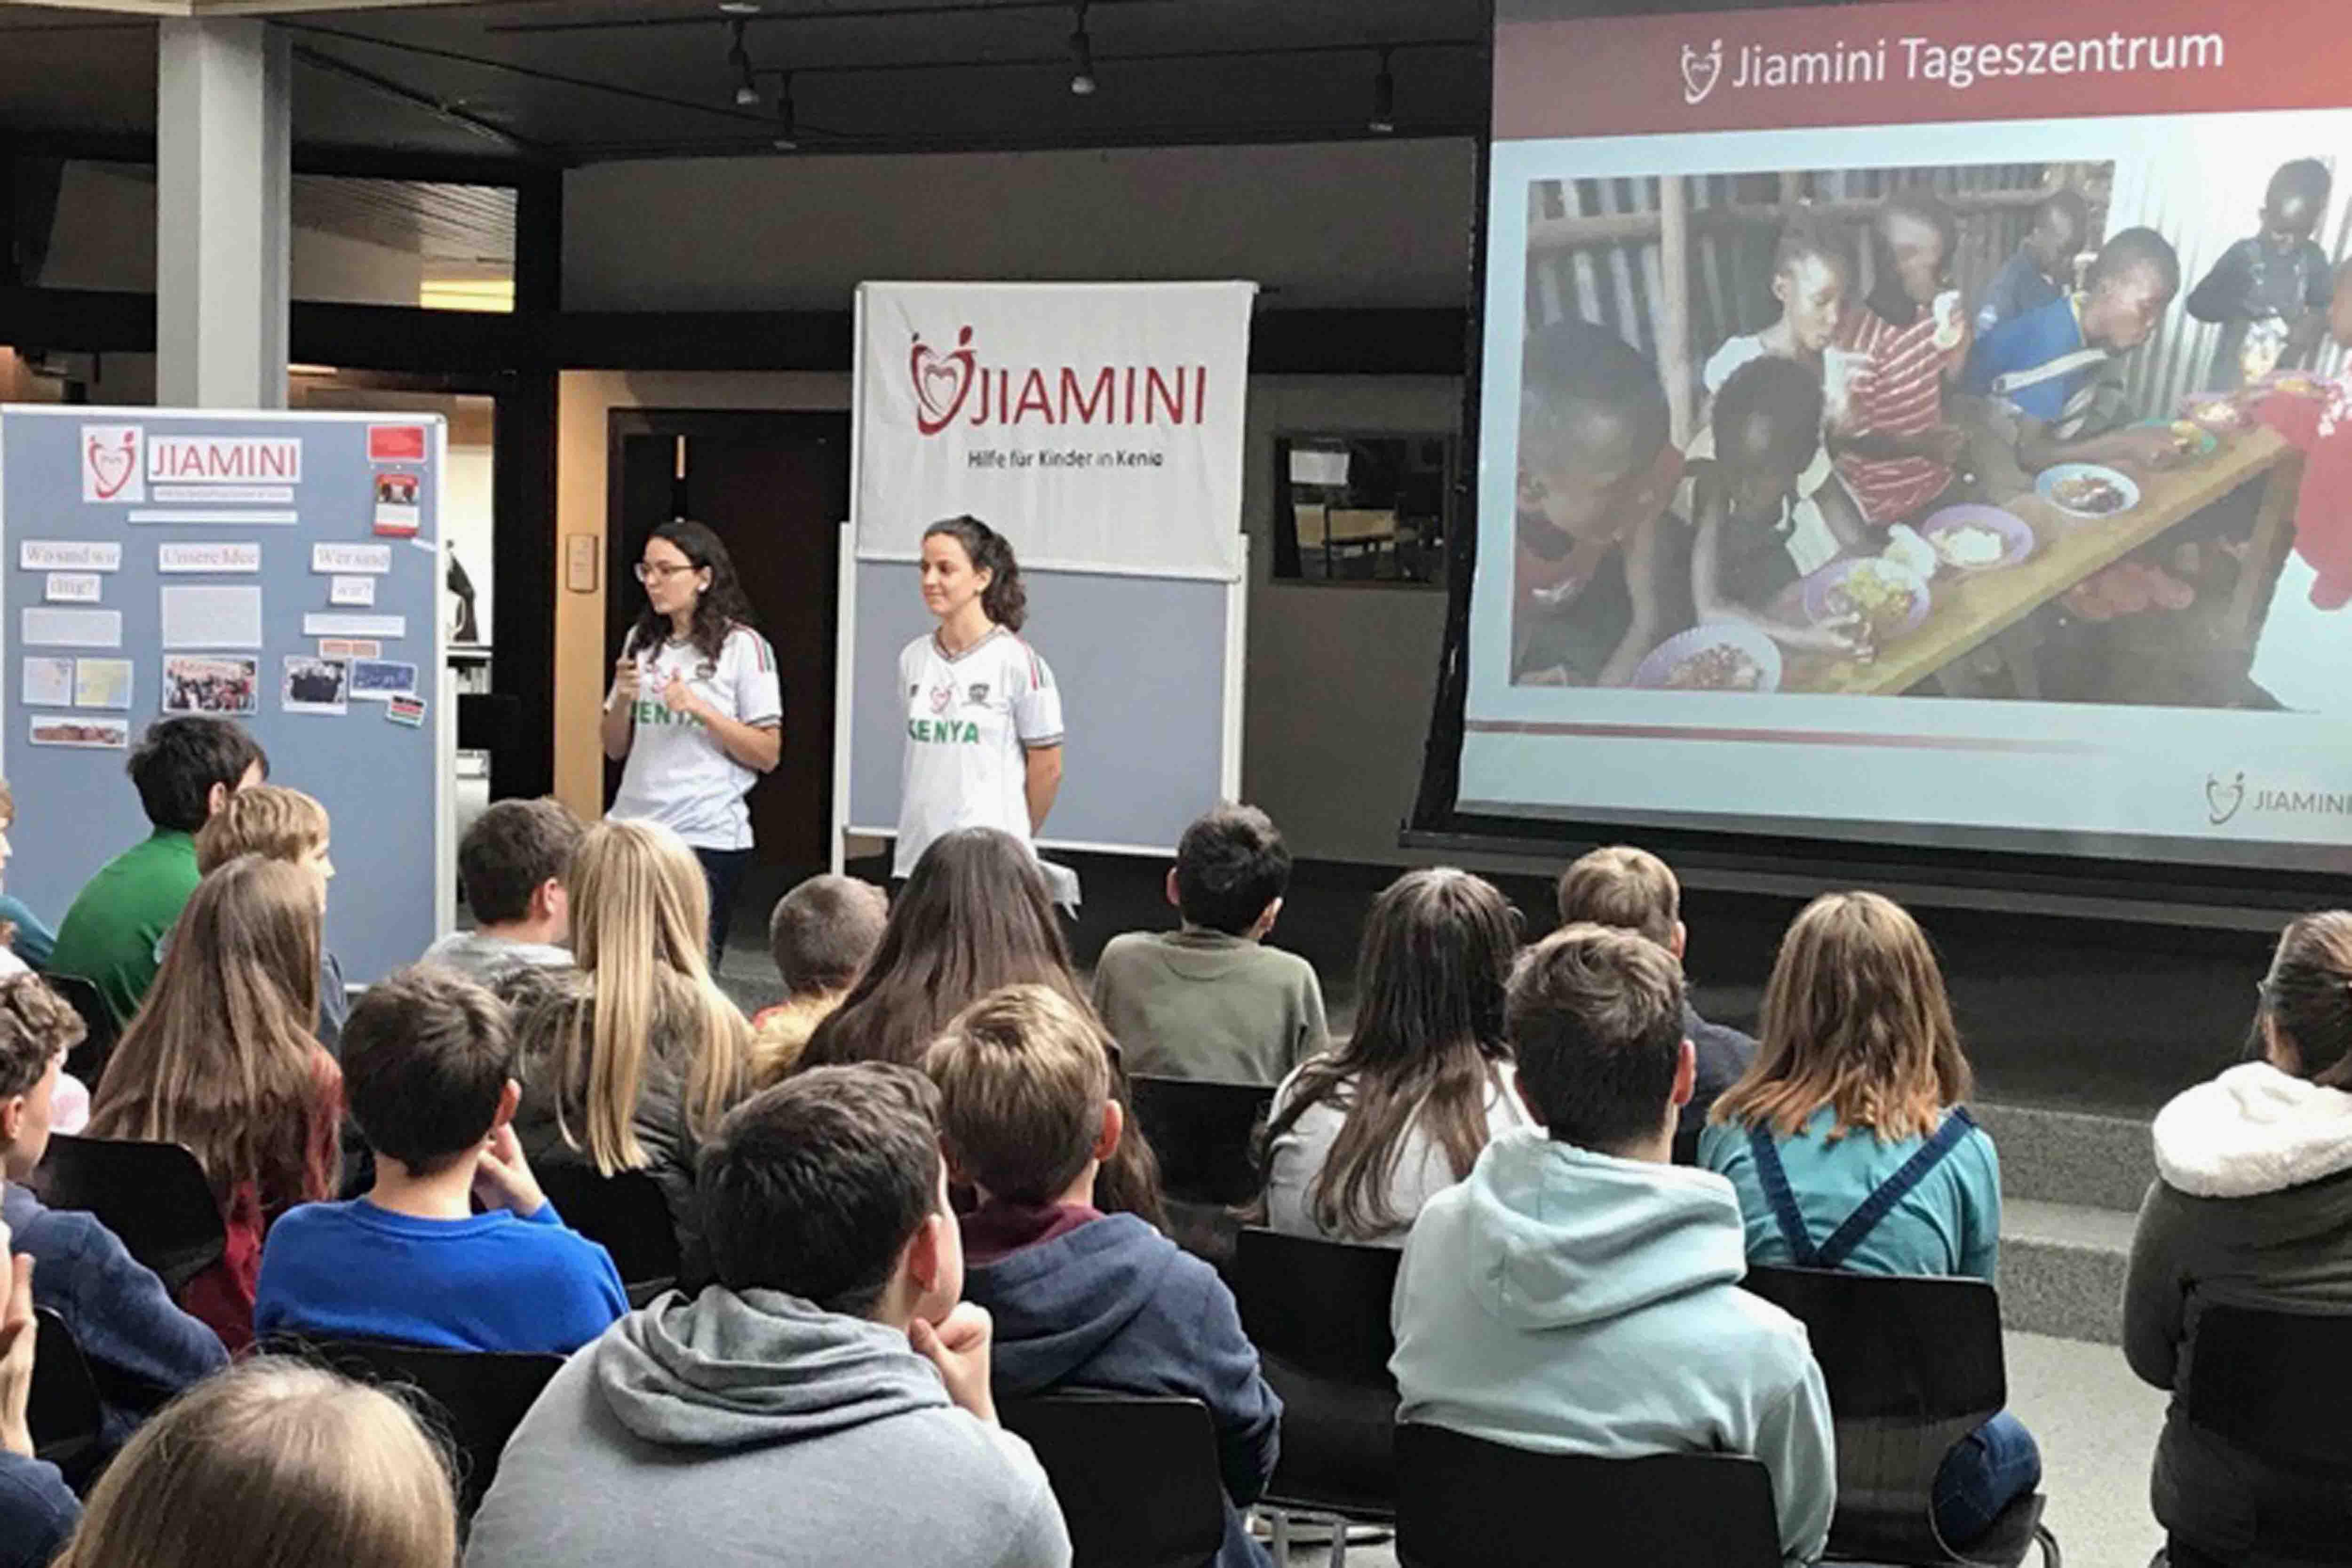 SchülerInnen des Bischof-Sproll Bildungszentrums untersützen Jiamini